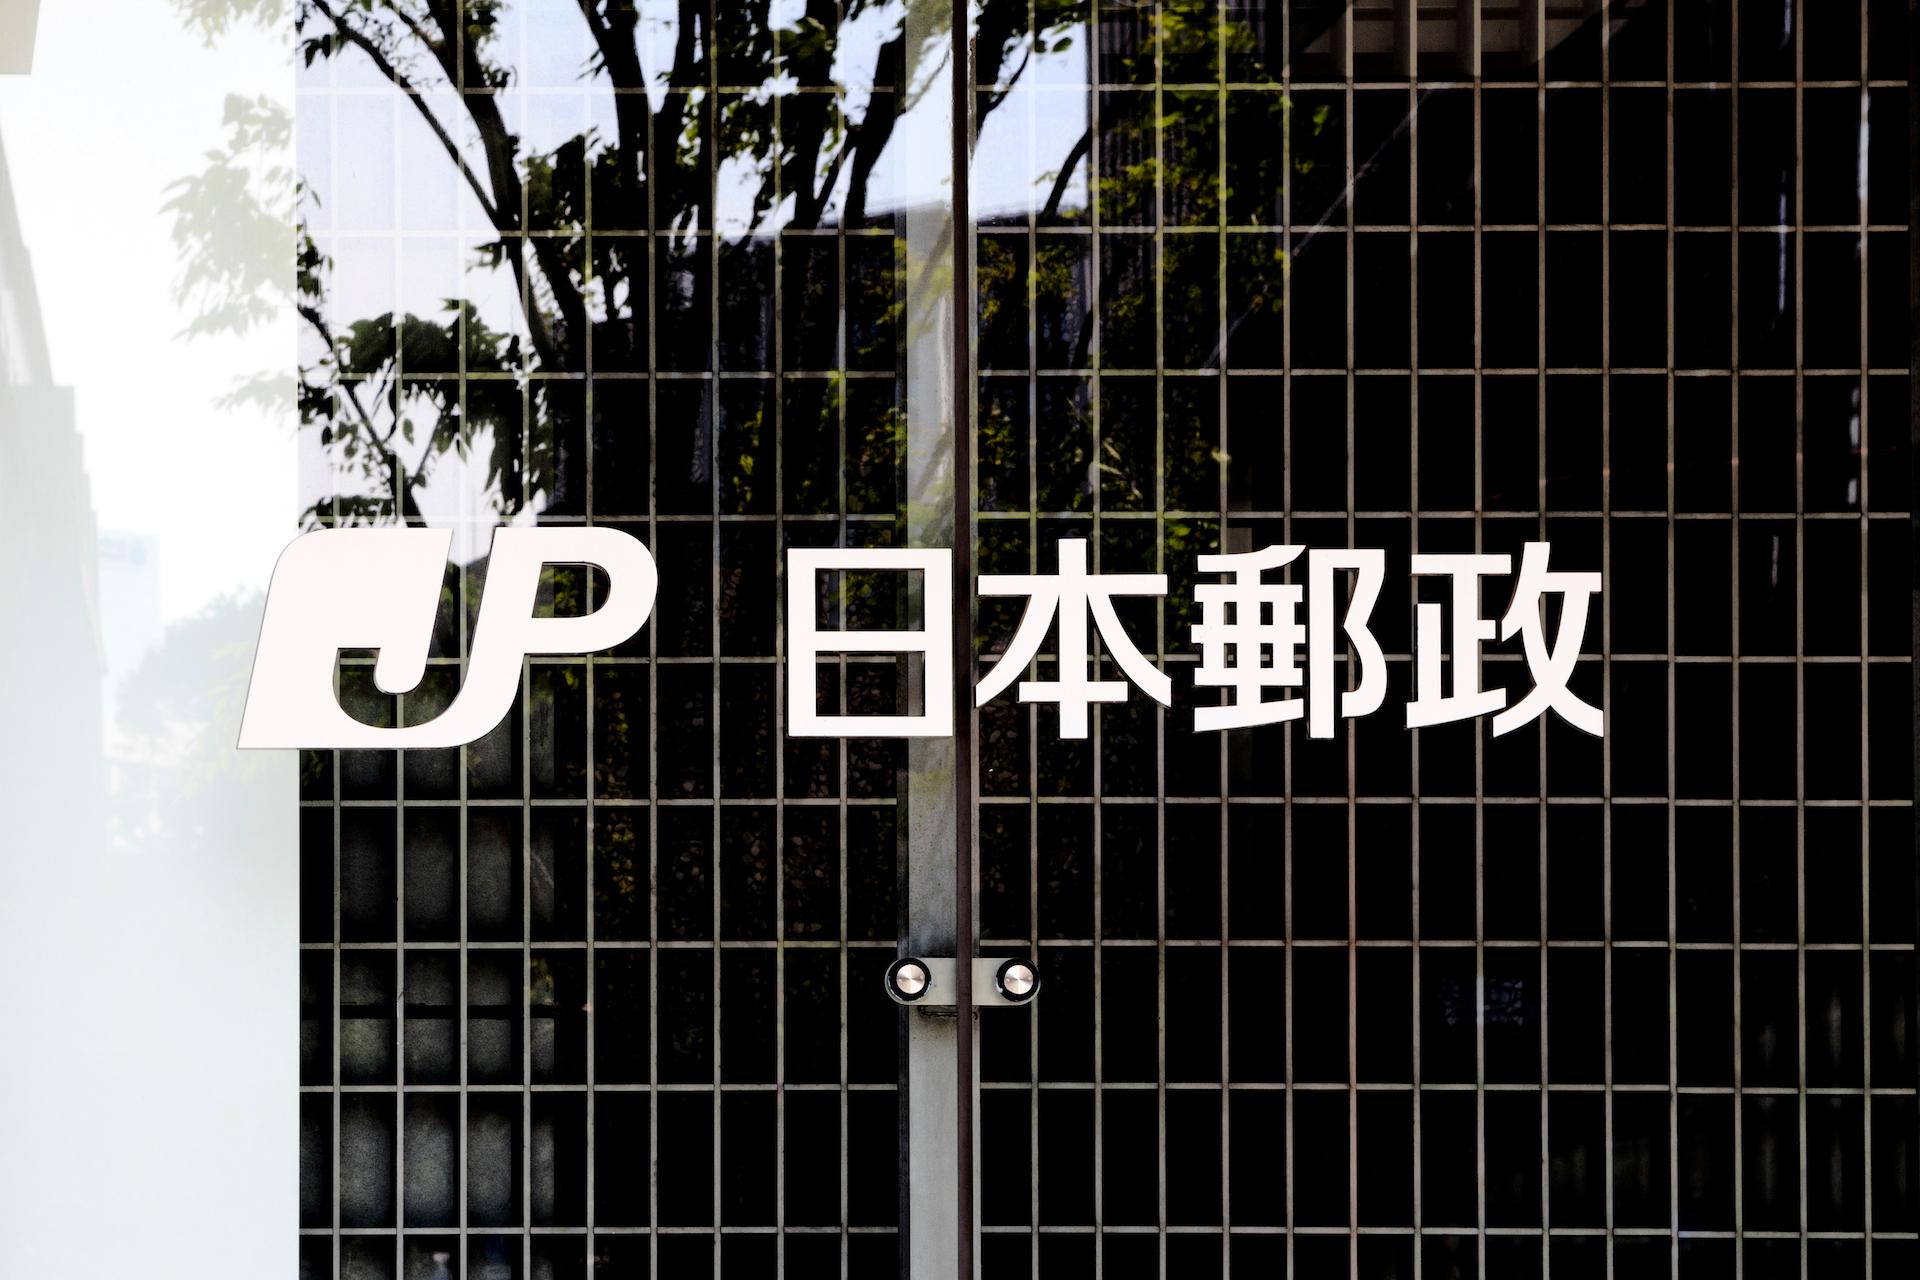 日本郵政投放 30 億日元 冀 2023 年實現偏遠地區無人機郵遞